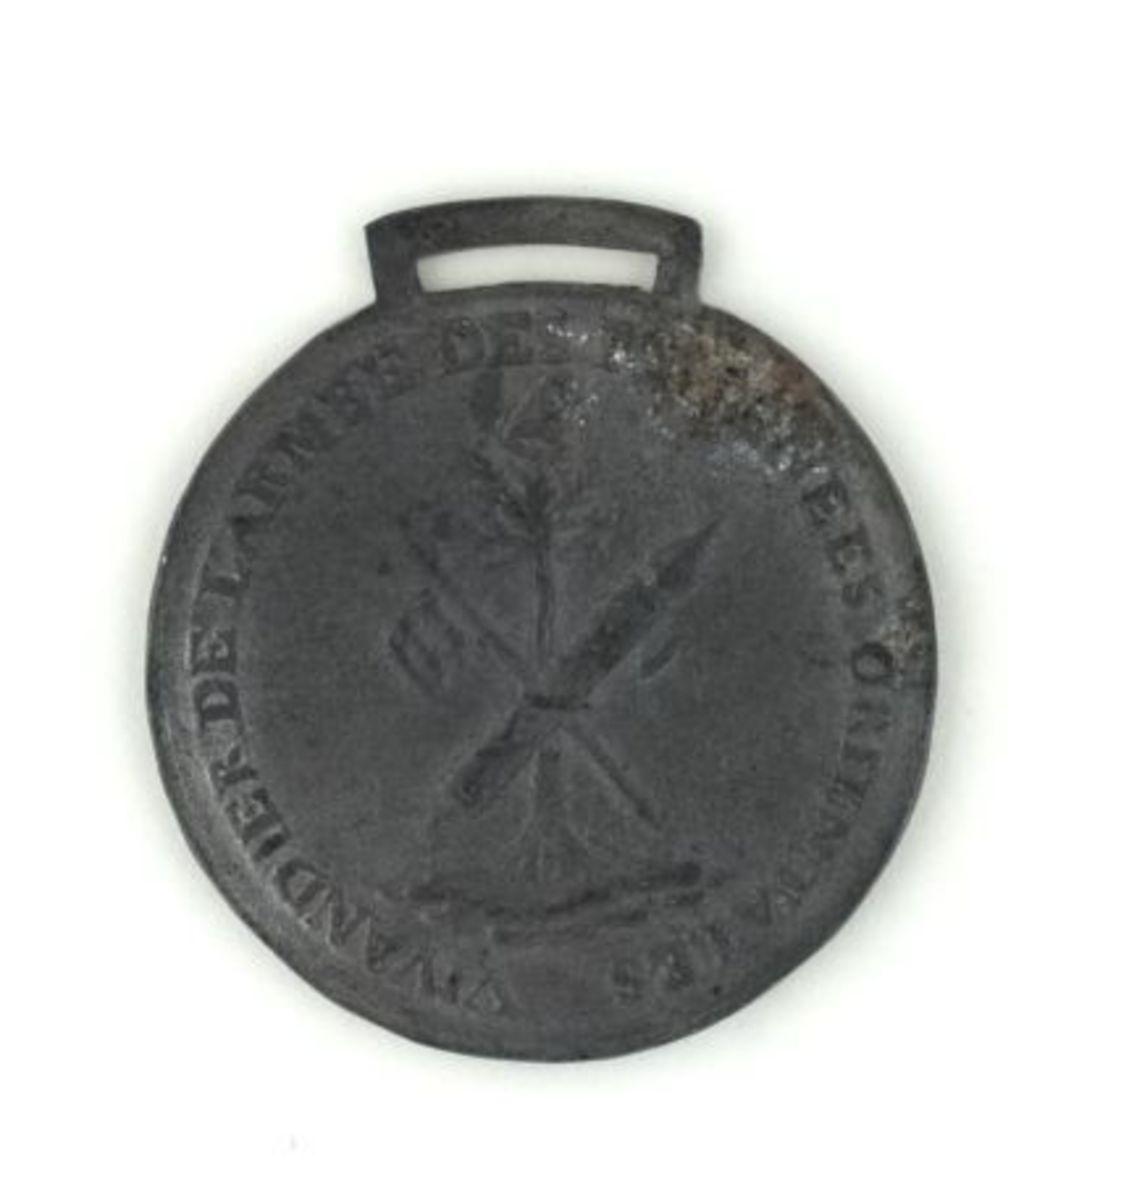 Vivandier de l'armée des Pyrénées orientales. Médaille en étain, retirage avec bélière fixe. numismatique